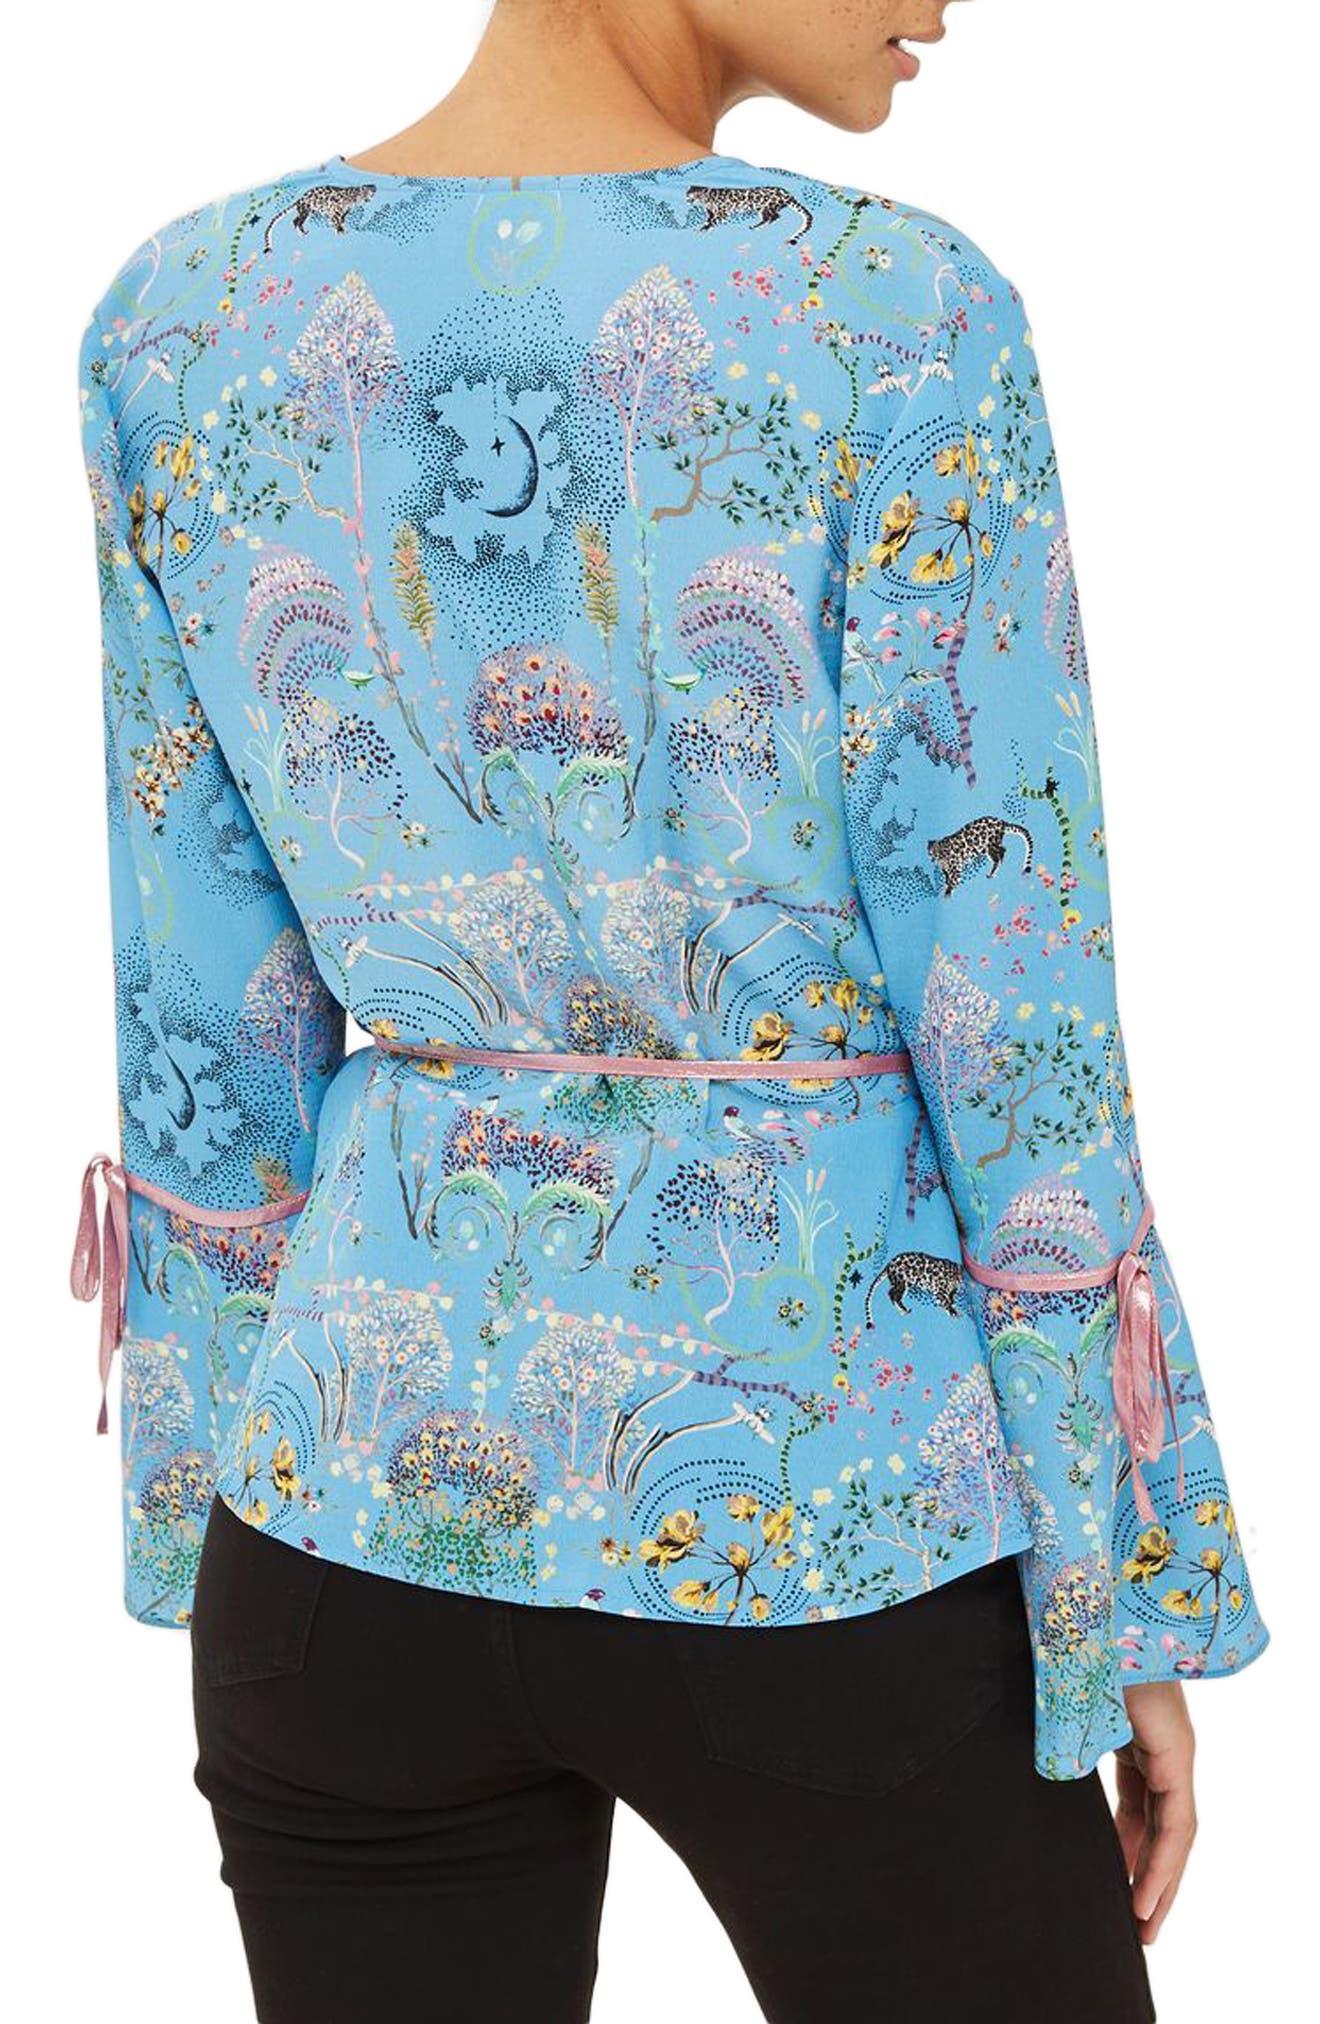 Magical Leopard Print Wrap Blouse,                             Alternate thumbnail 3, color,                             Blue Multi